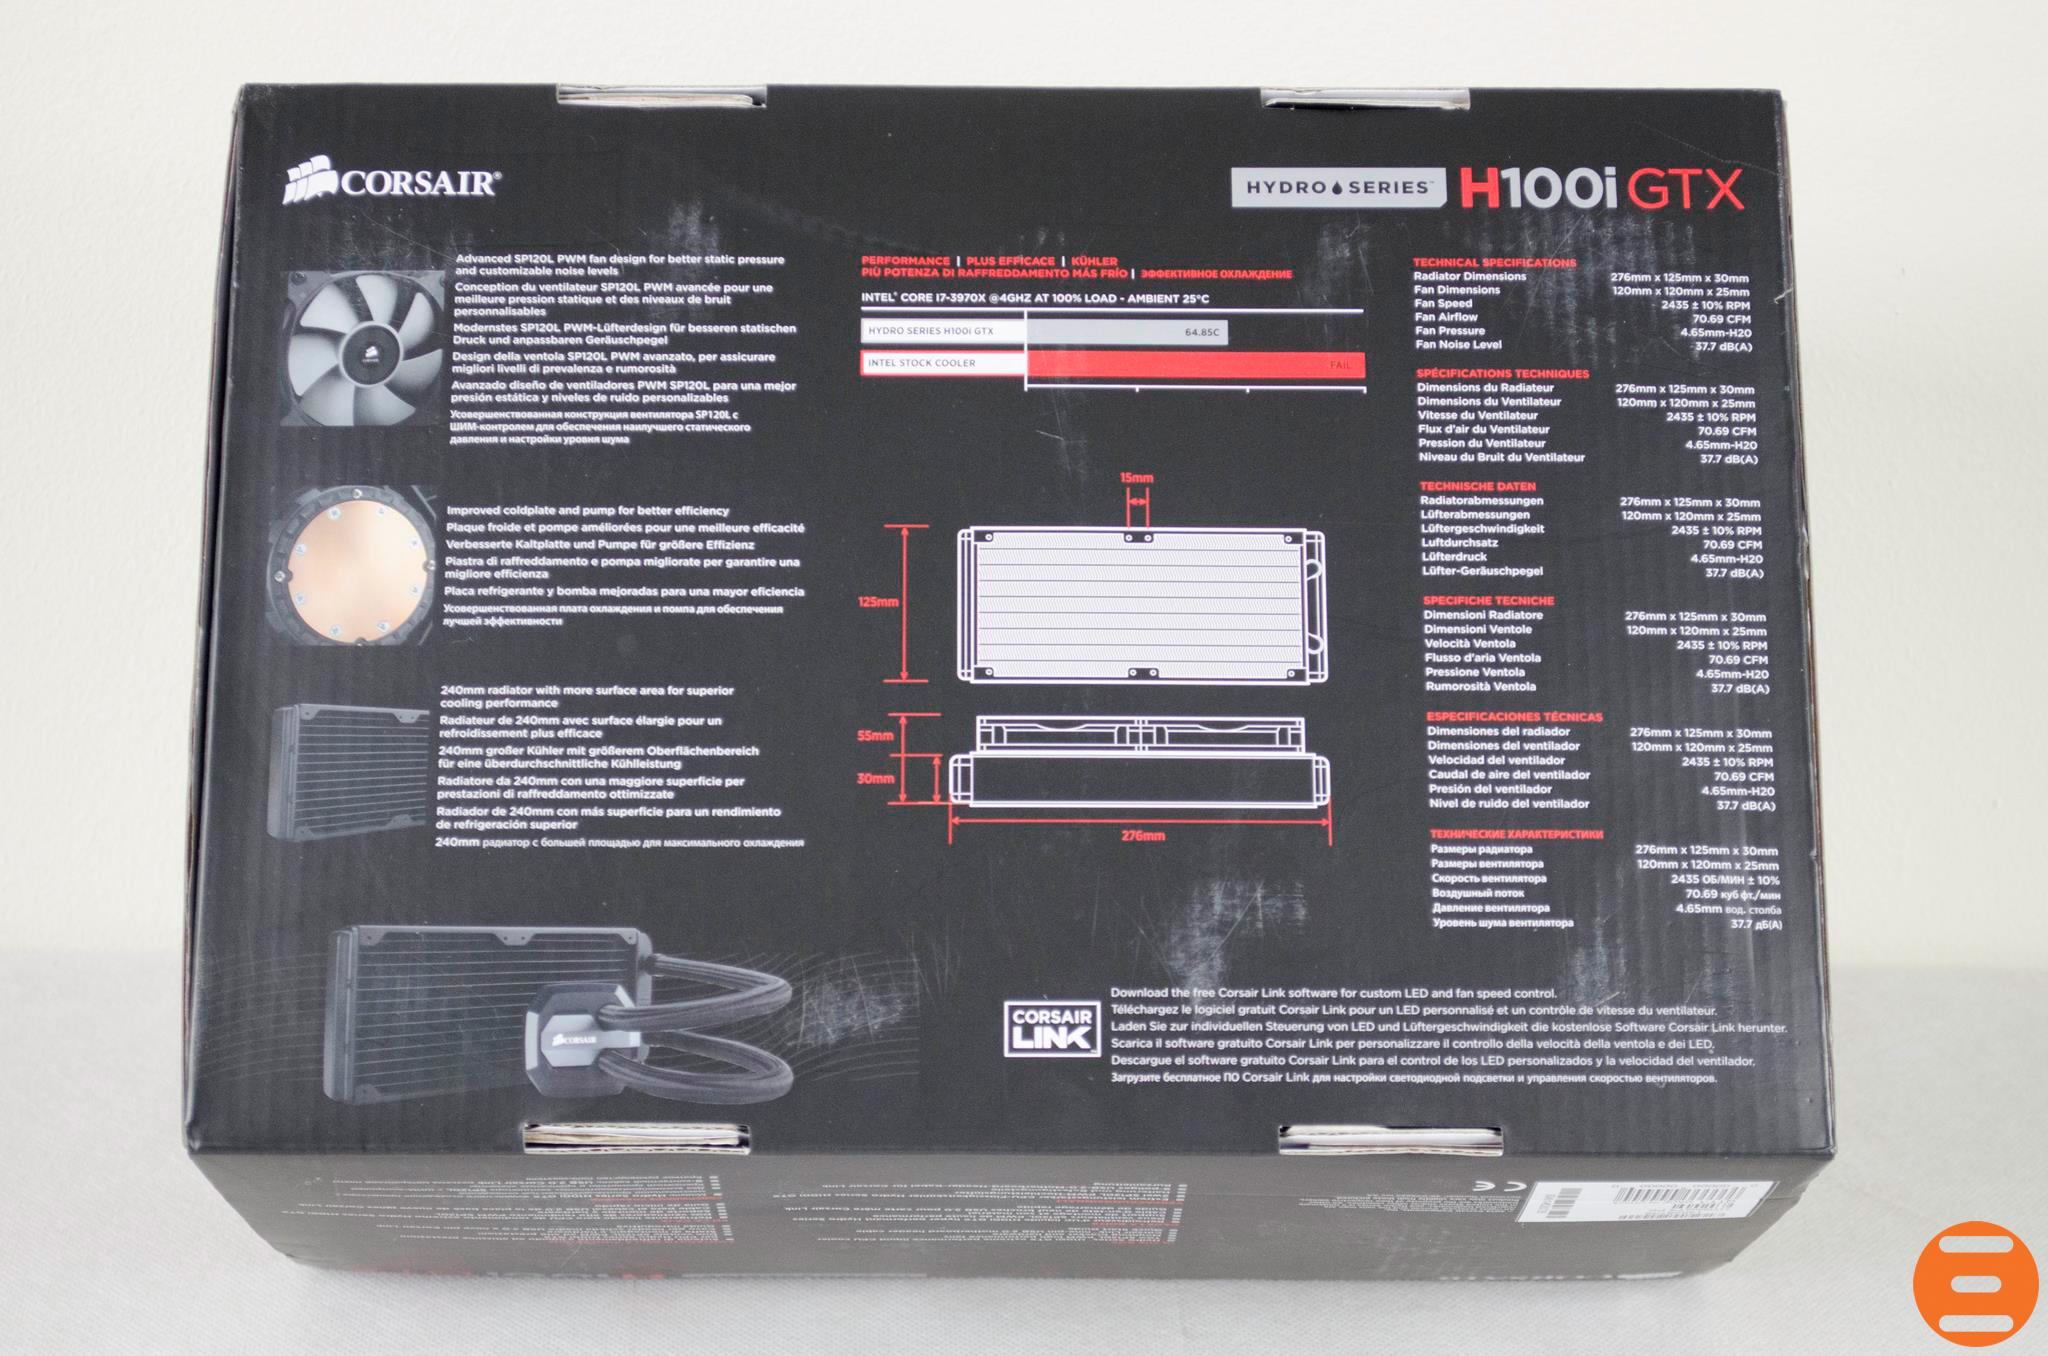 Corsair-H100i-GTX-AIO-CPU-Cooler_1